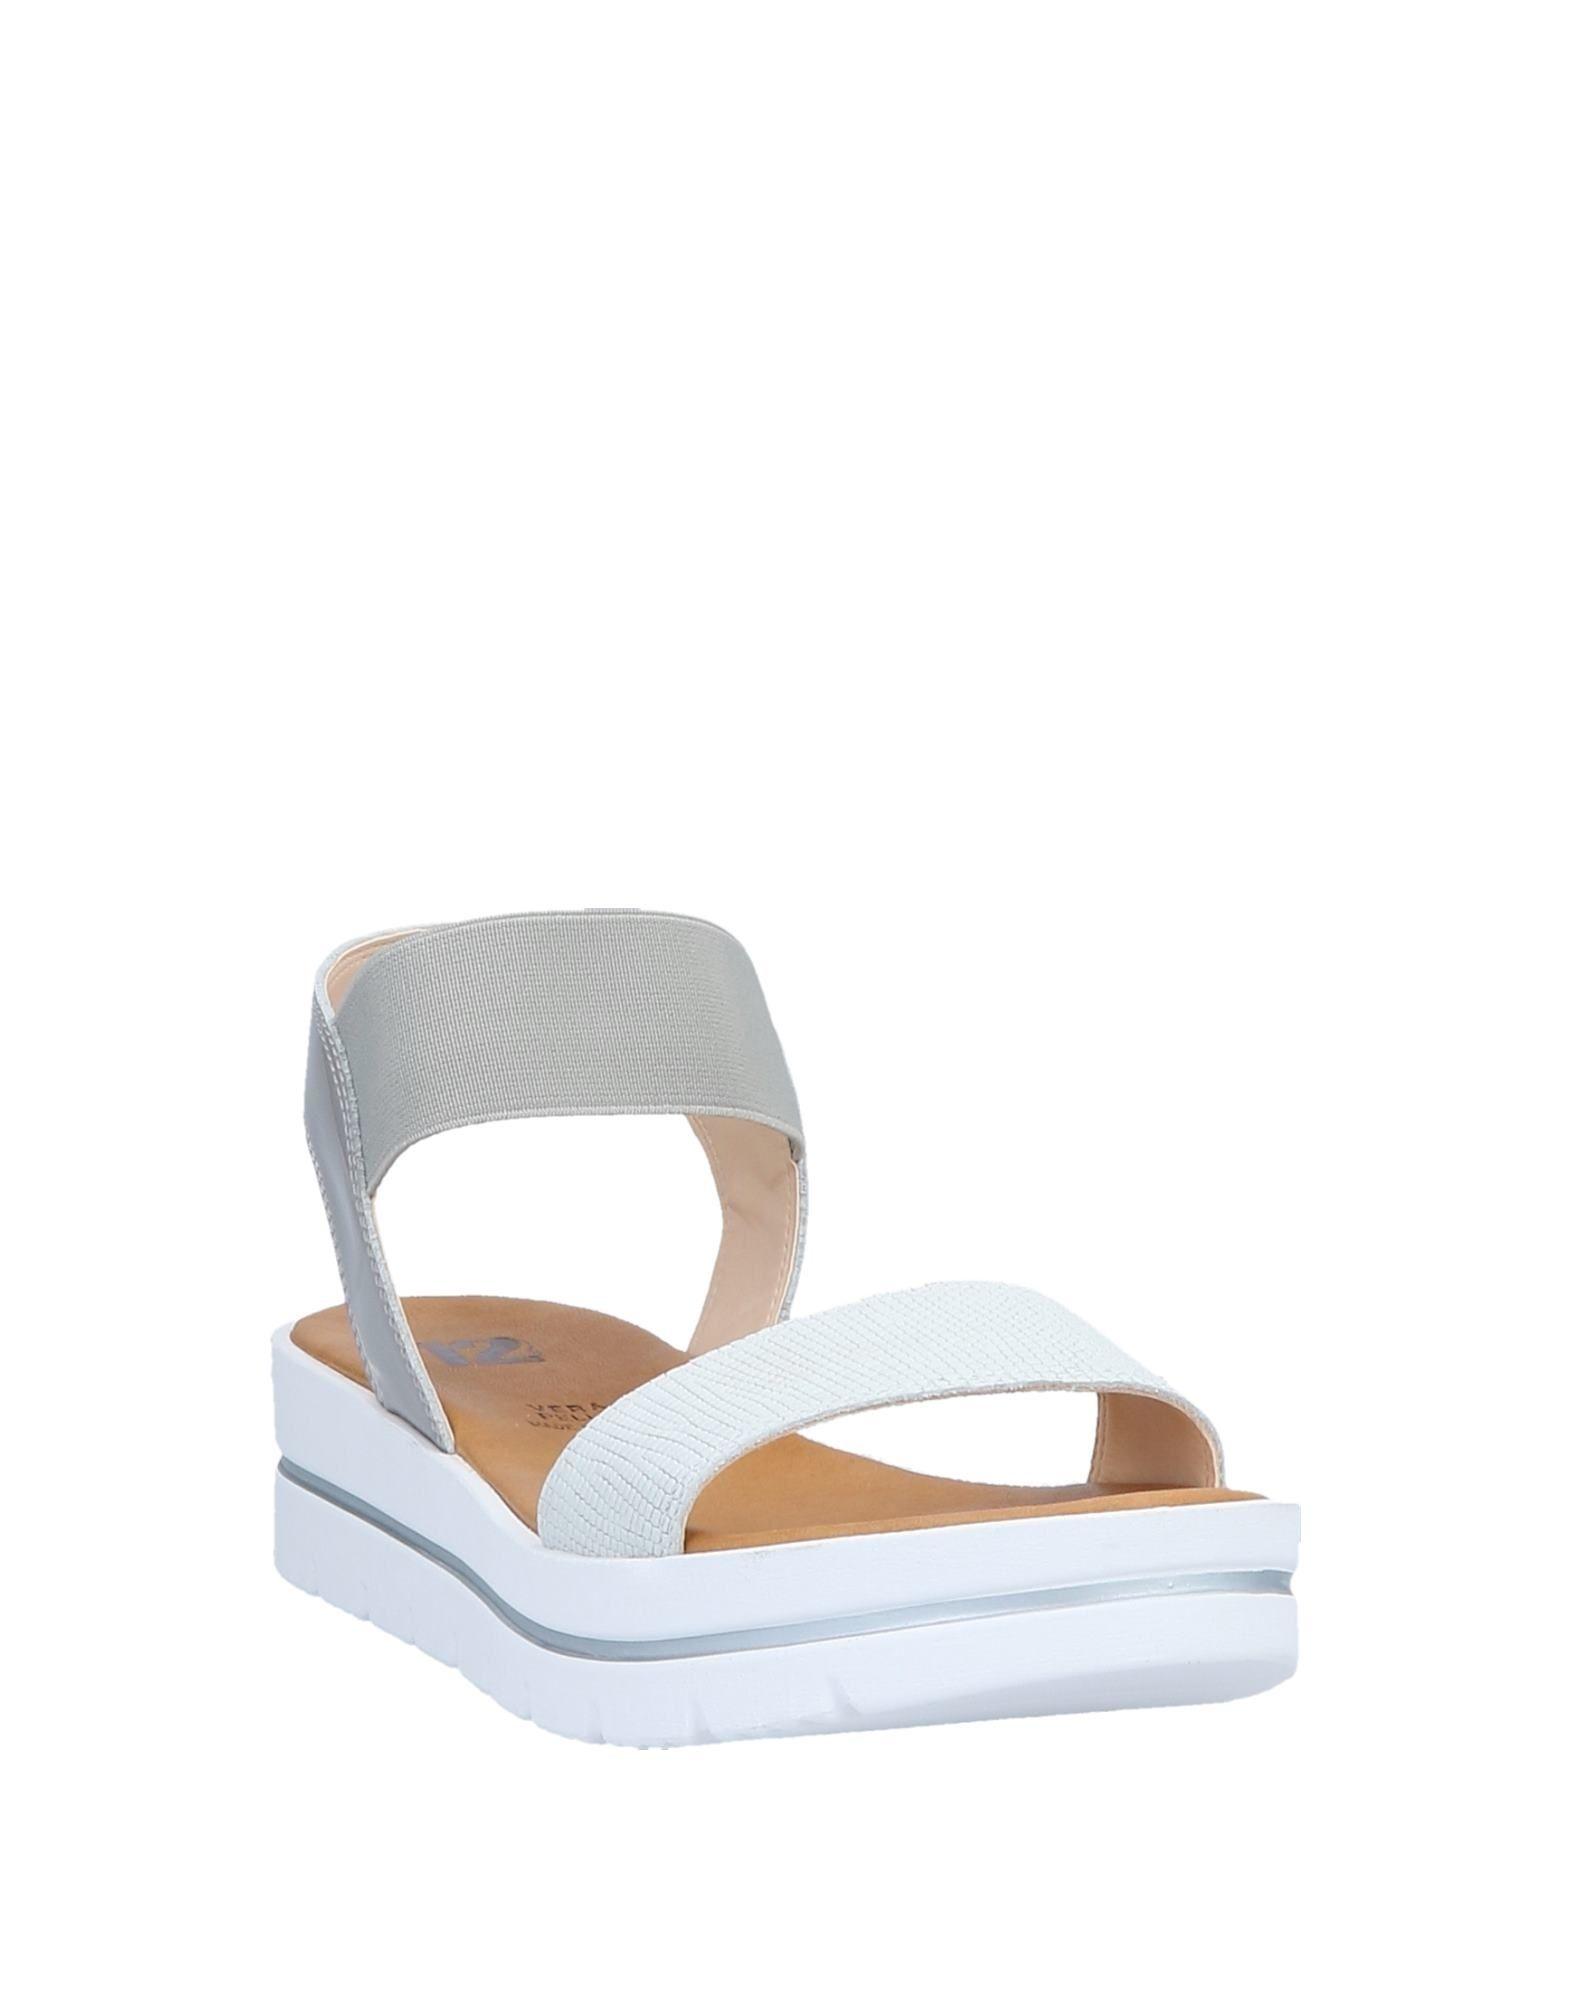 Gut um Sandalen billige Schuhe zu tragenTsd12 Sandalen um Damen  11567483QL de657d